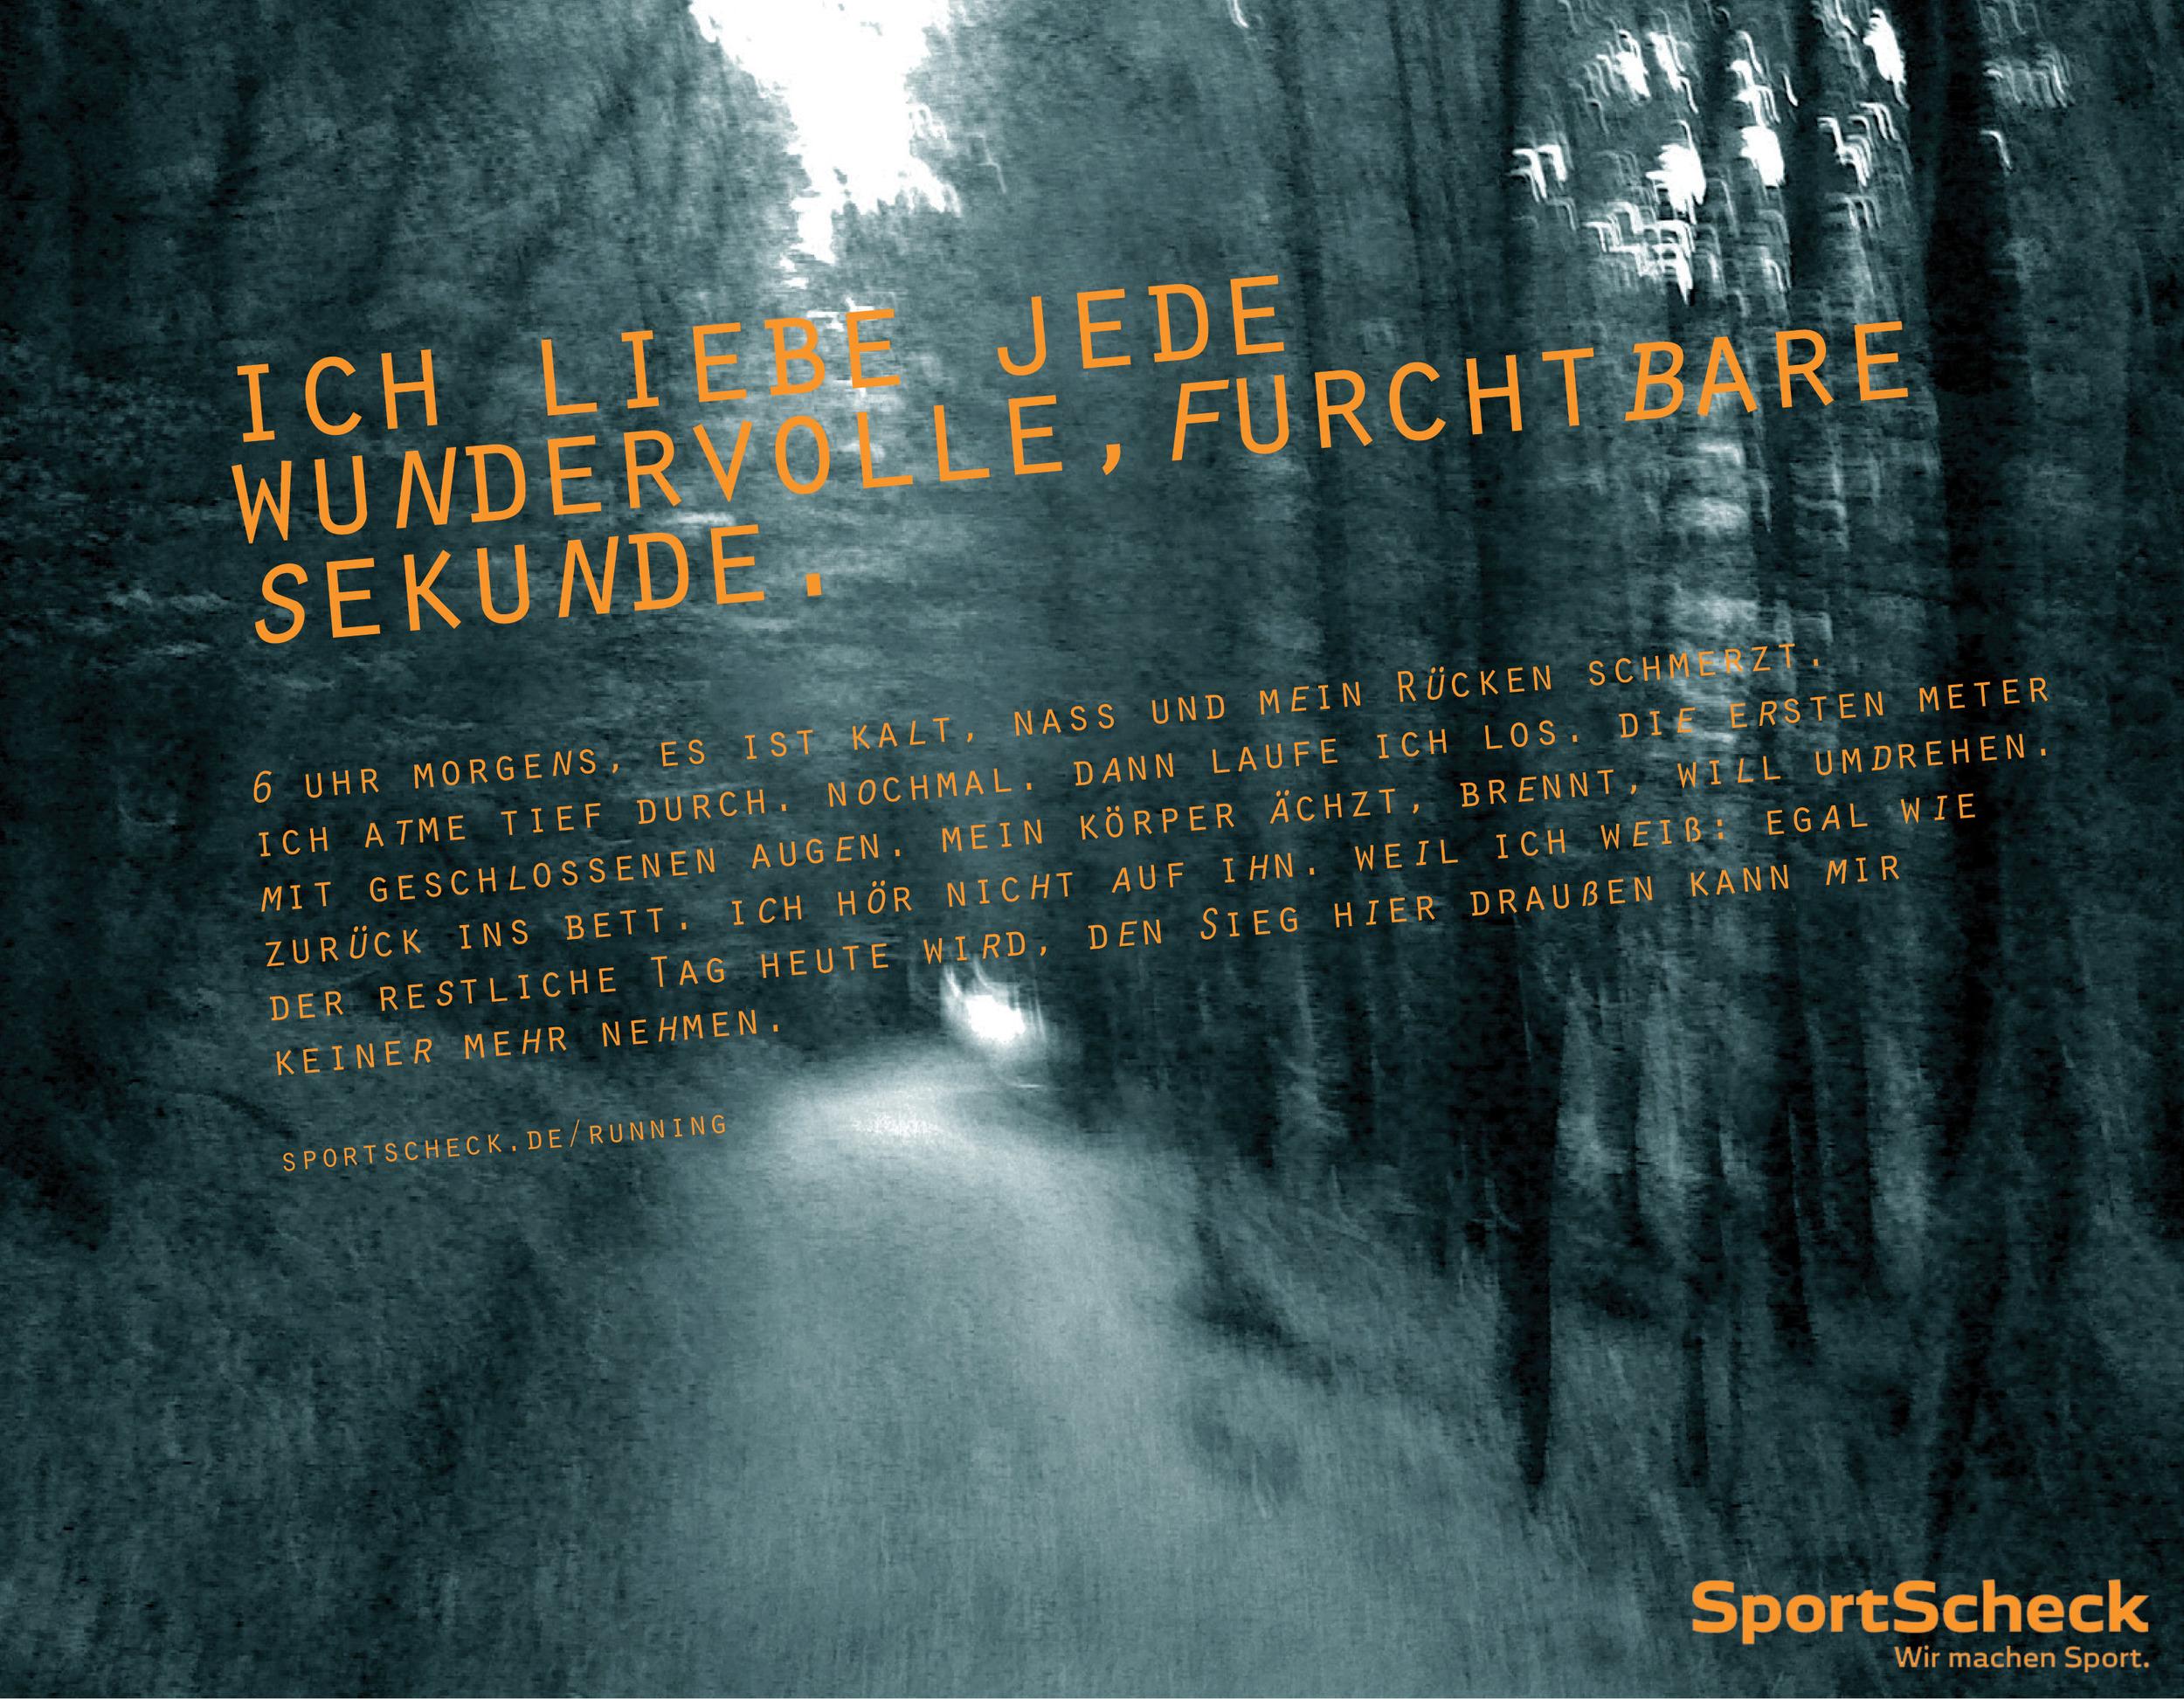 SportScheck_running_klein.jpg